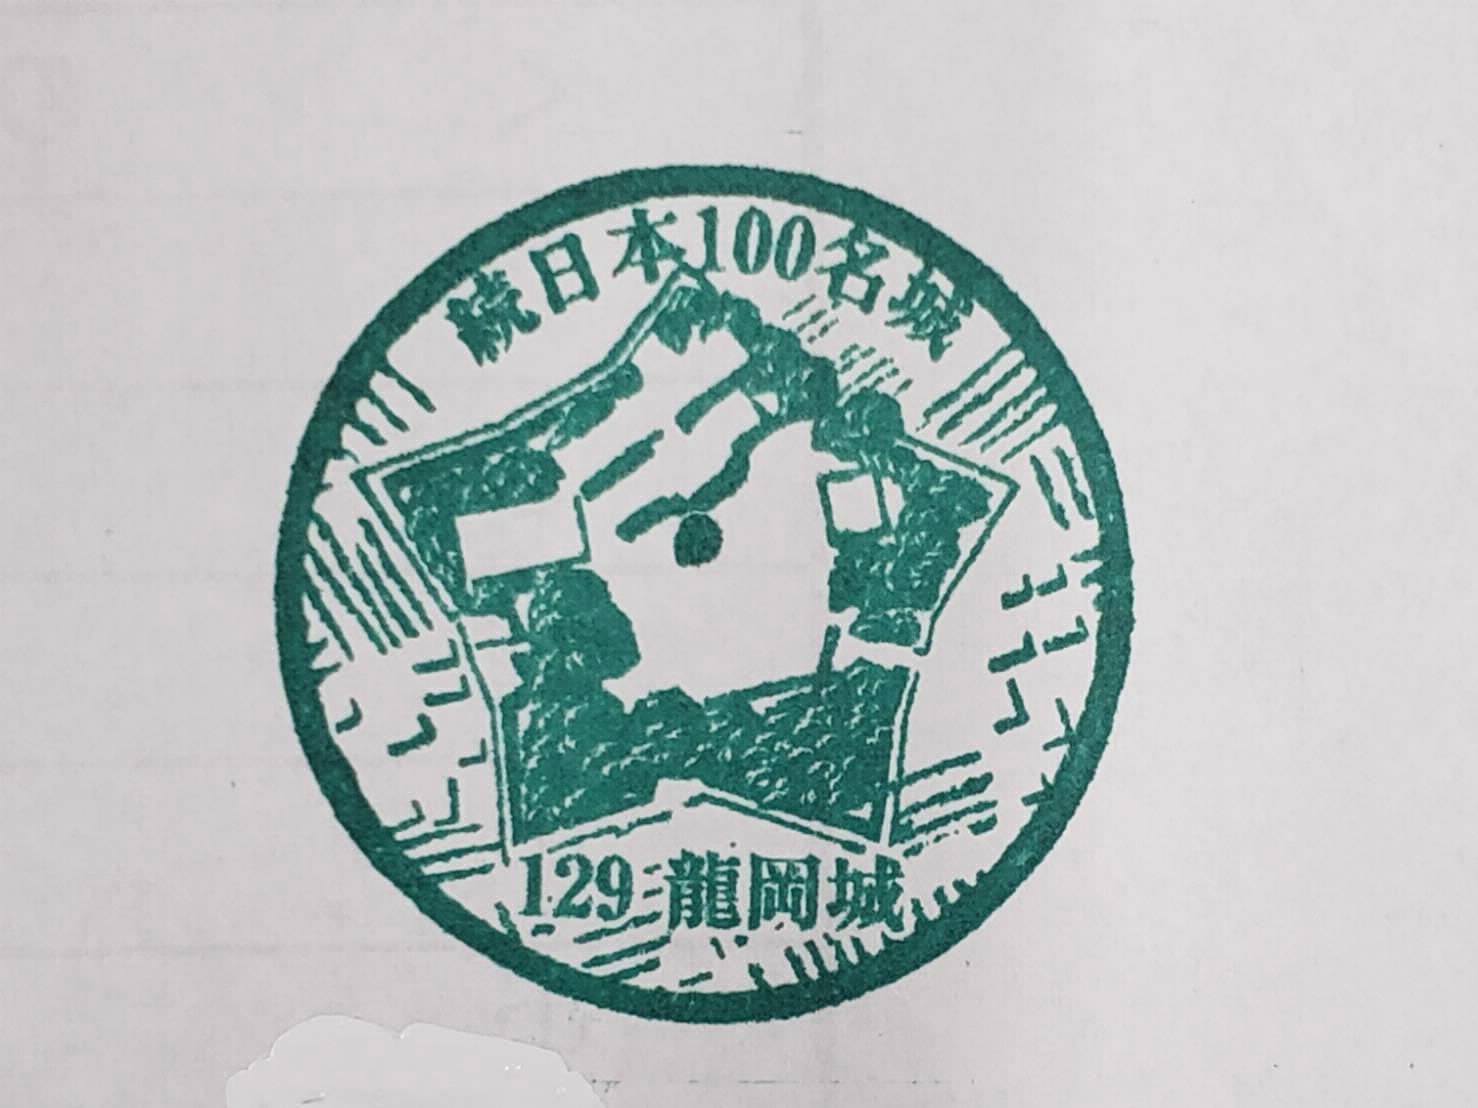 http://www.sakukankou.jp/sightseeing/1594732046955_cleaned.jpg